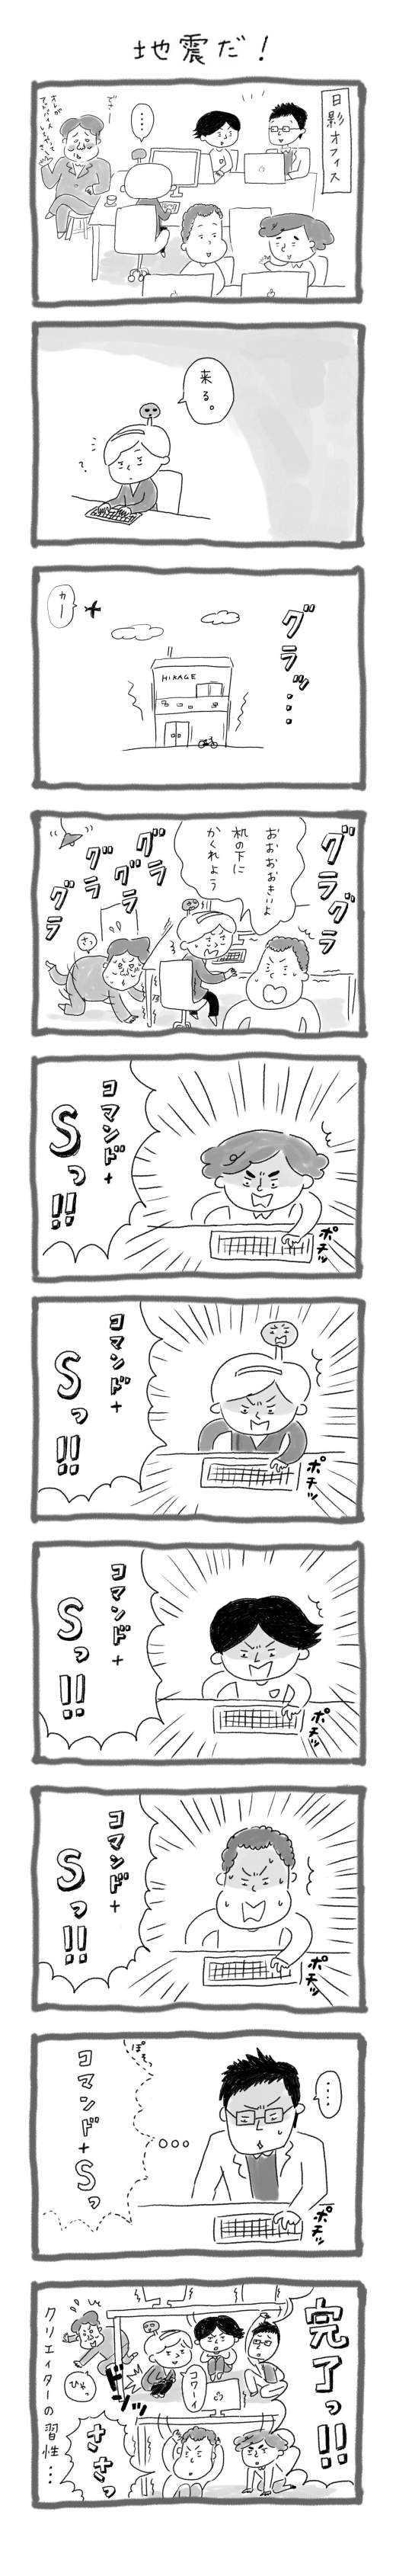 地震だ・・・